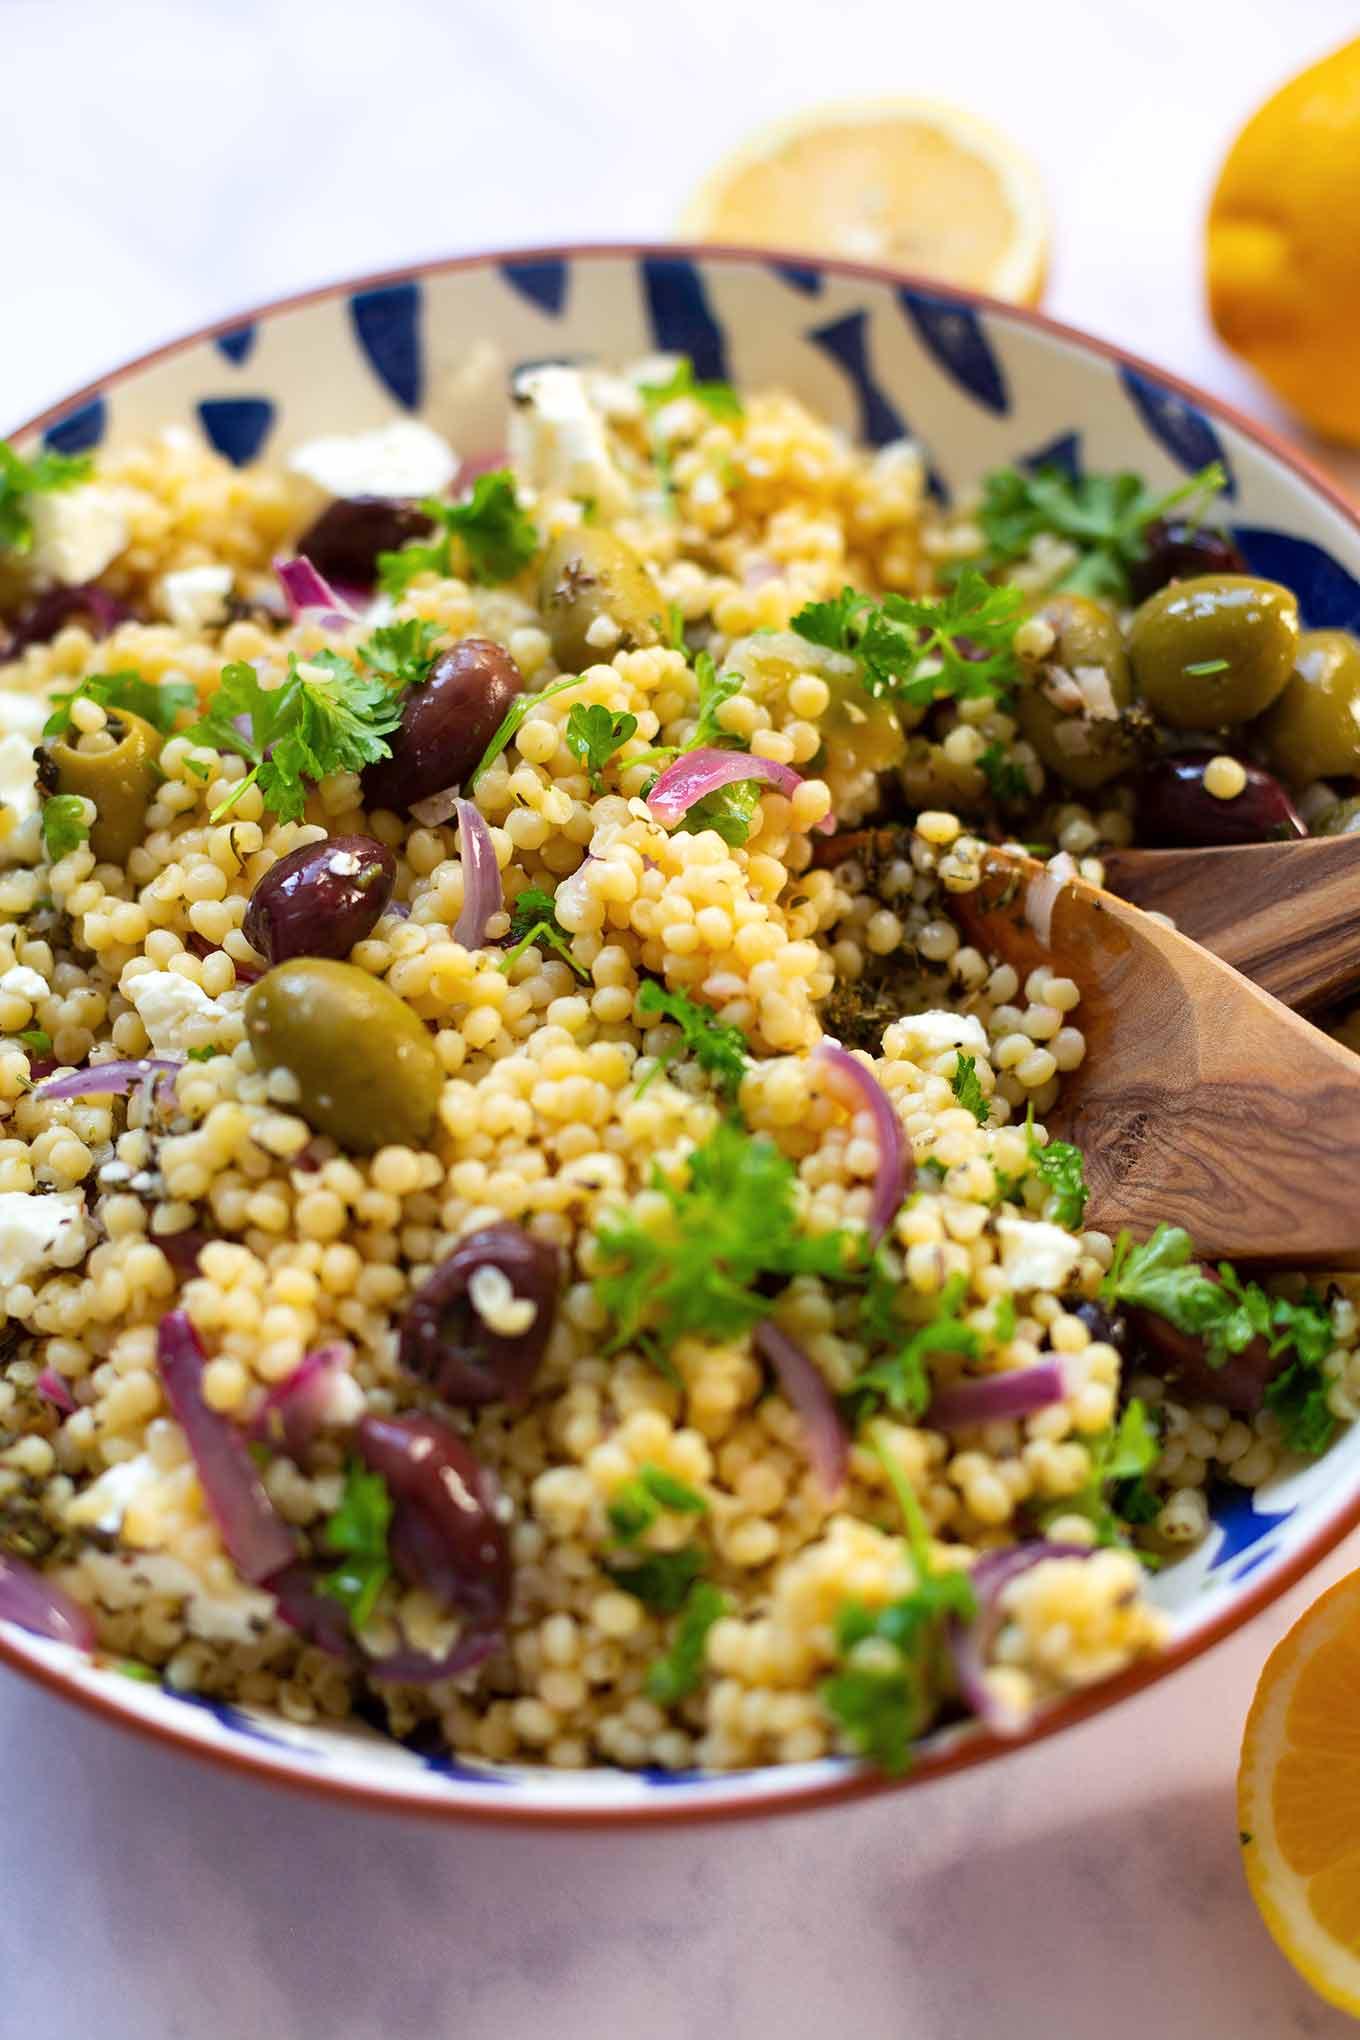 15-Minuten Nudeln mit Zitrone, Feta und Oliven. Super einfach, herzhaft und nur aus Vorratszutaten, unbedingt probieren! Kochkarussell Foodblog #nudeln #15minutenrezept #kochkarussell